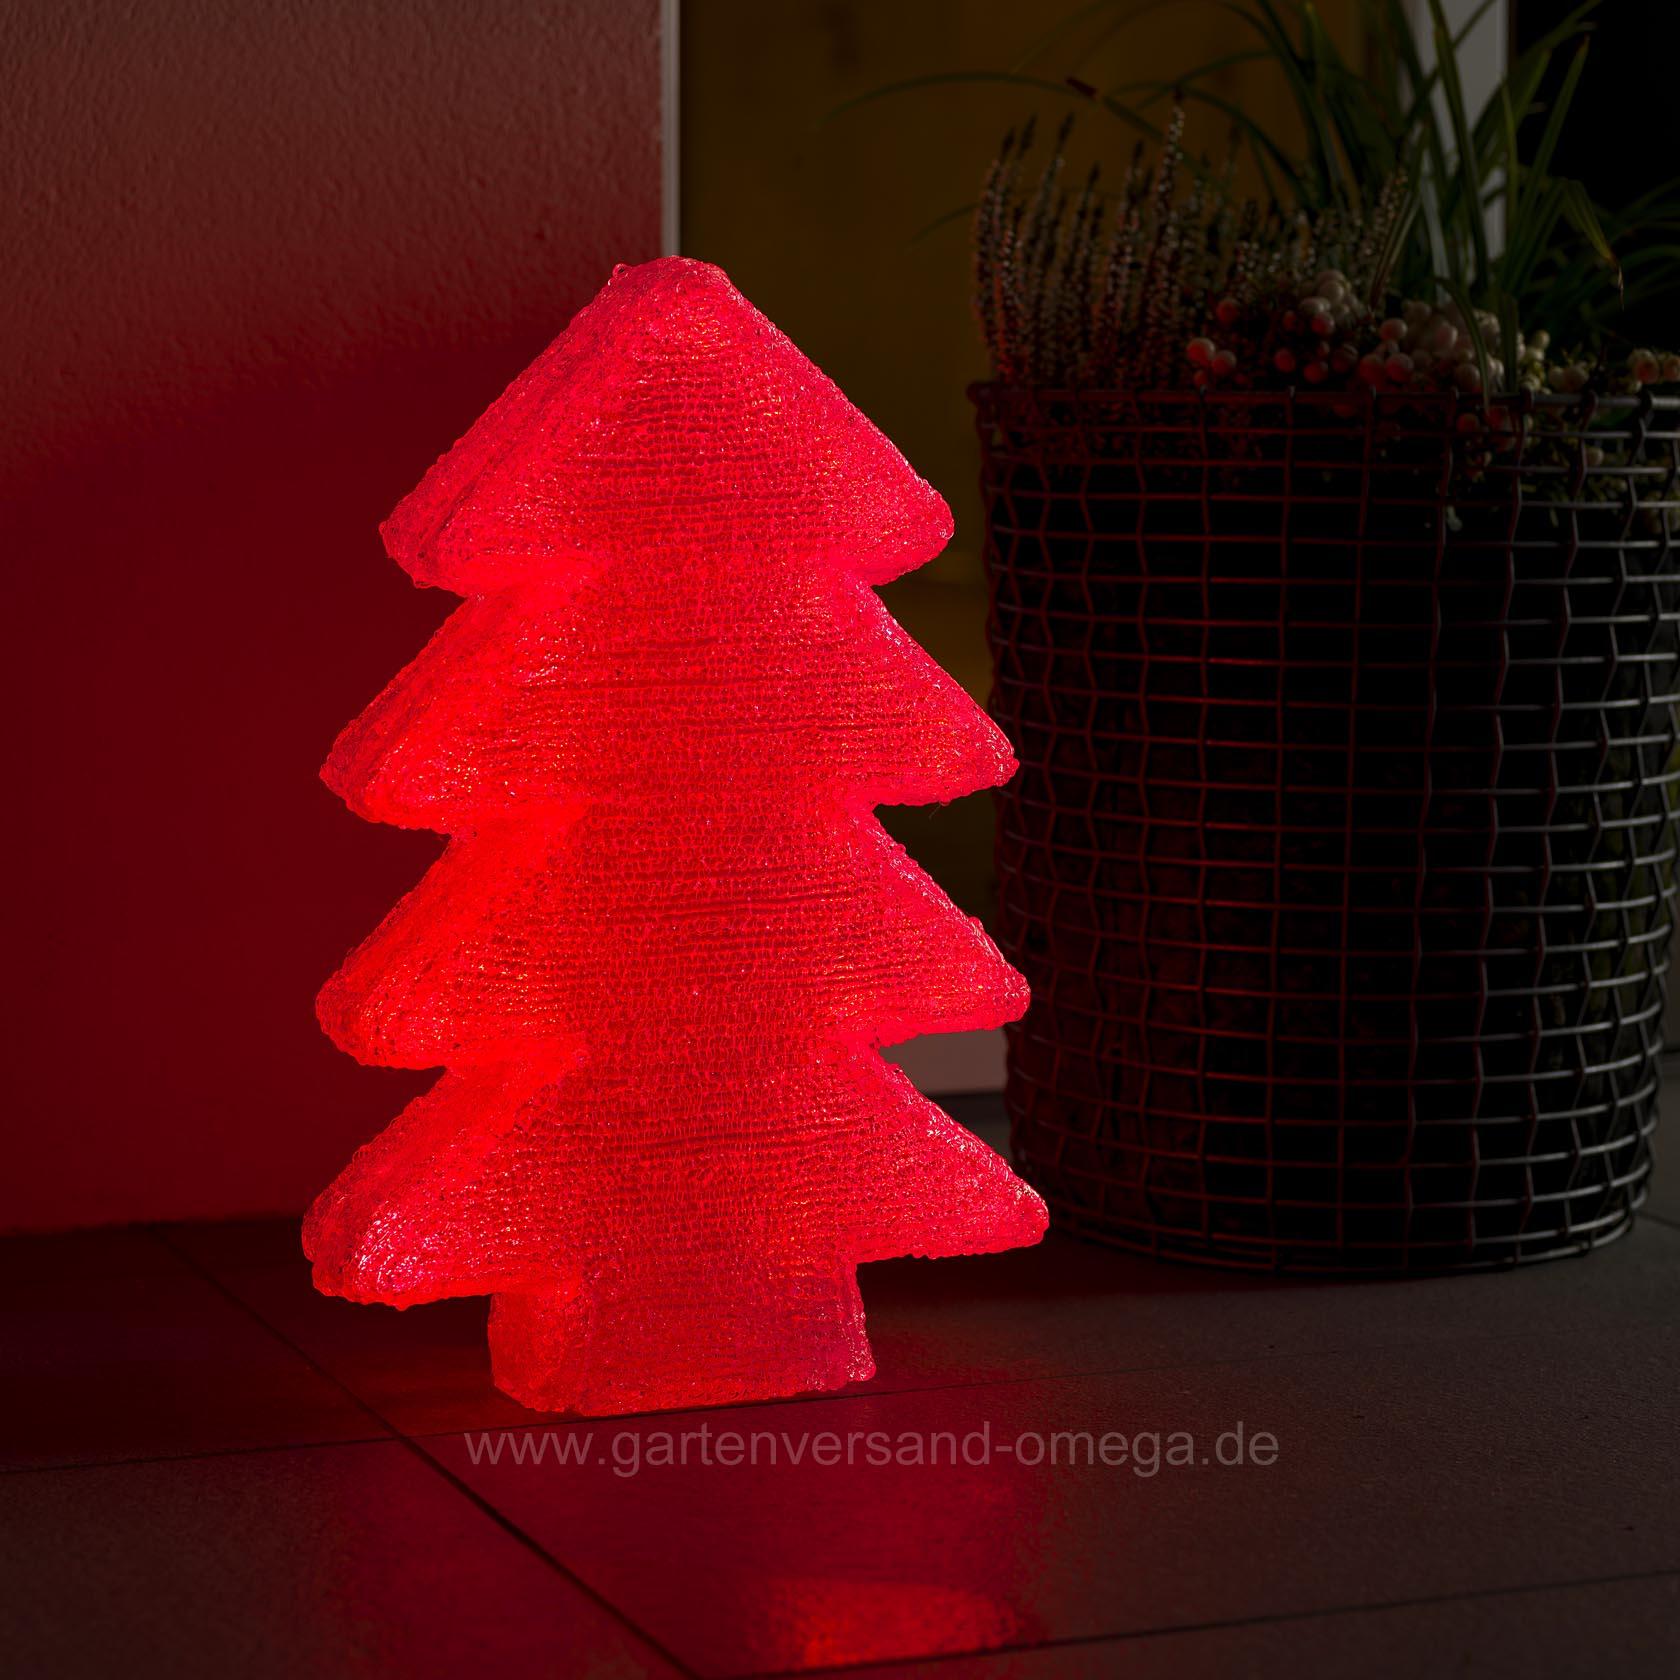 Tannenbaum Led.Led Tannenbaum Stunning Star Tippy Ca Cm Plastik Grn X X Lqikhrcqs